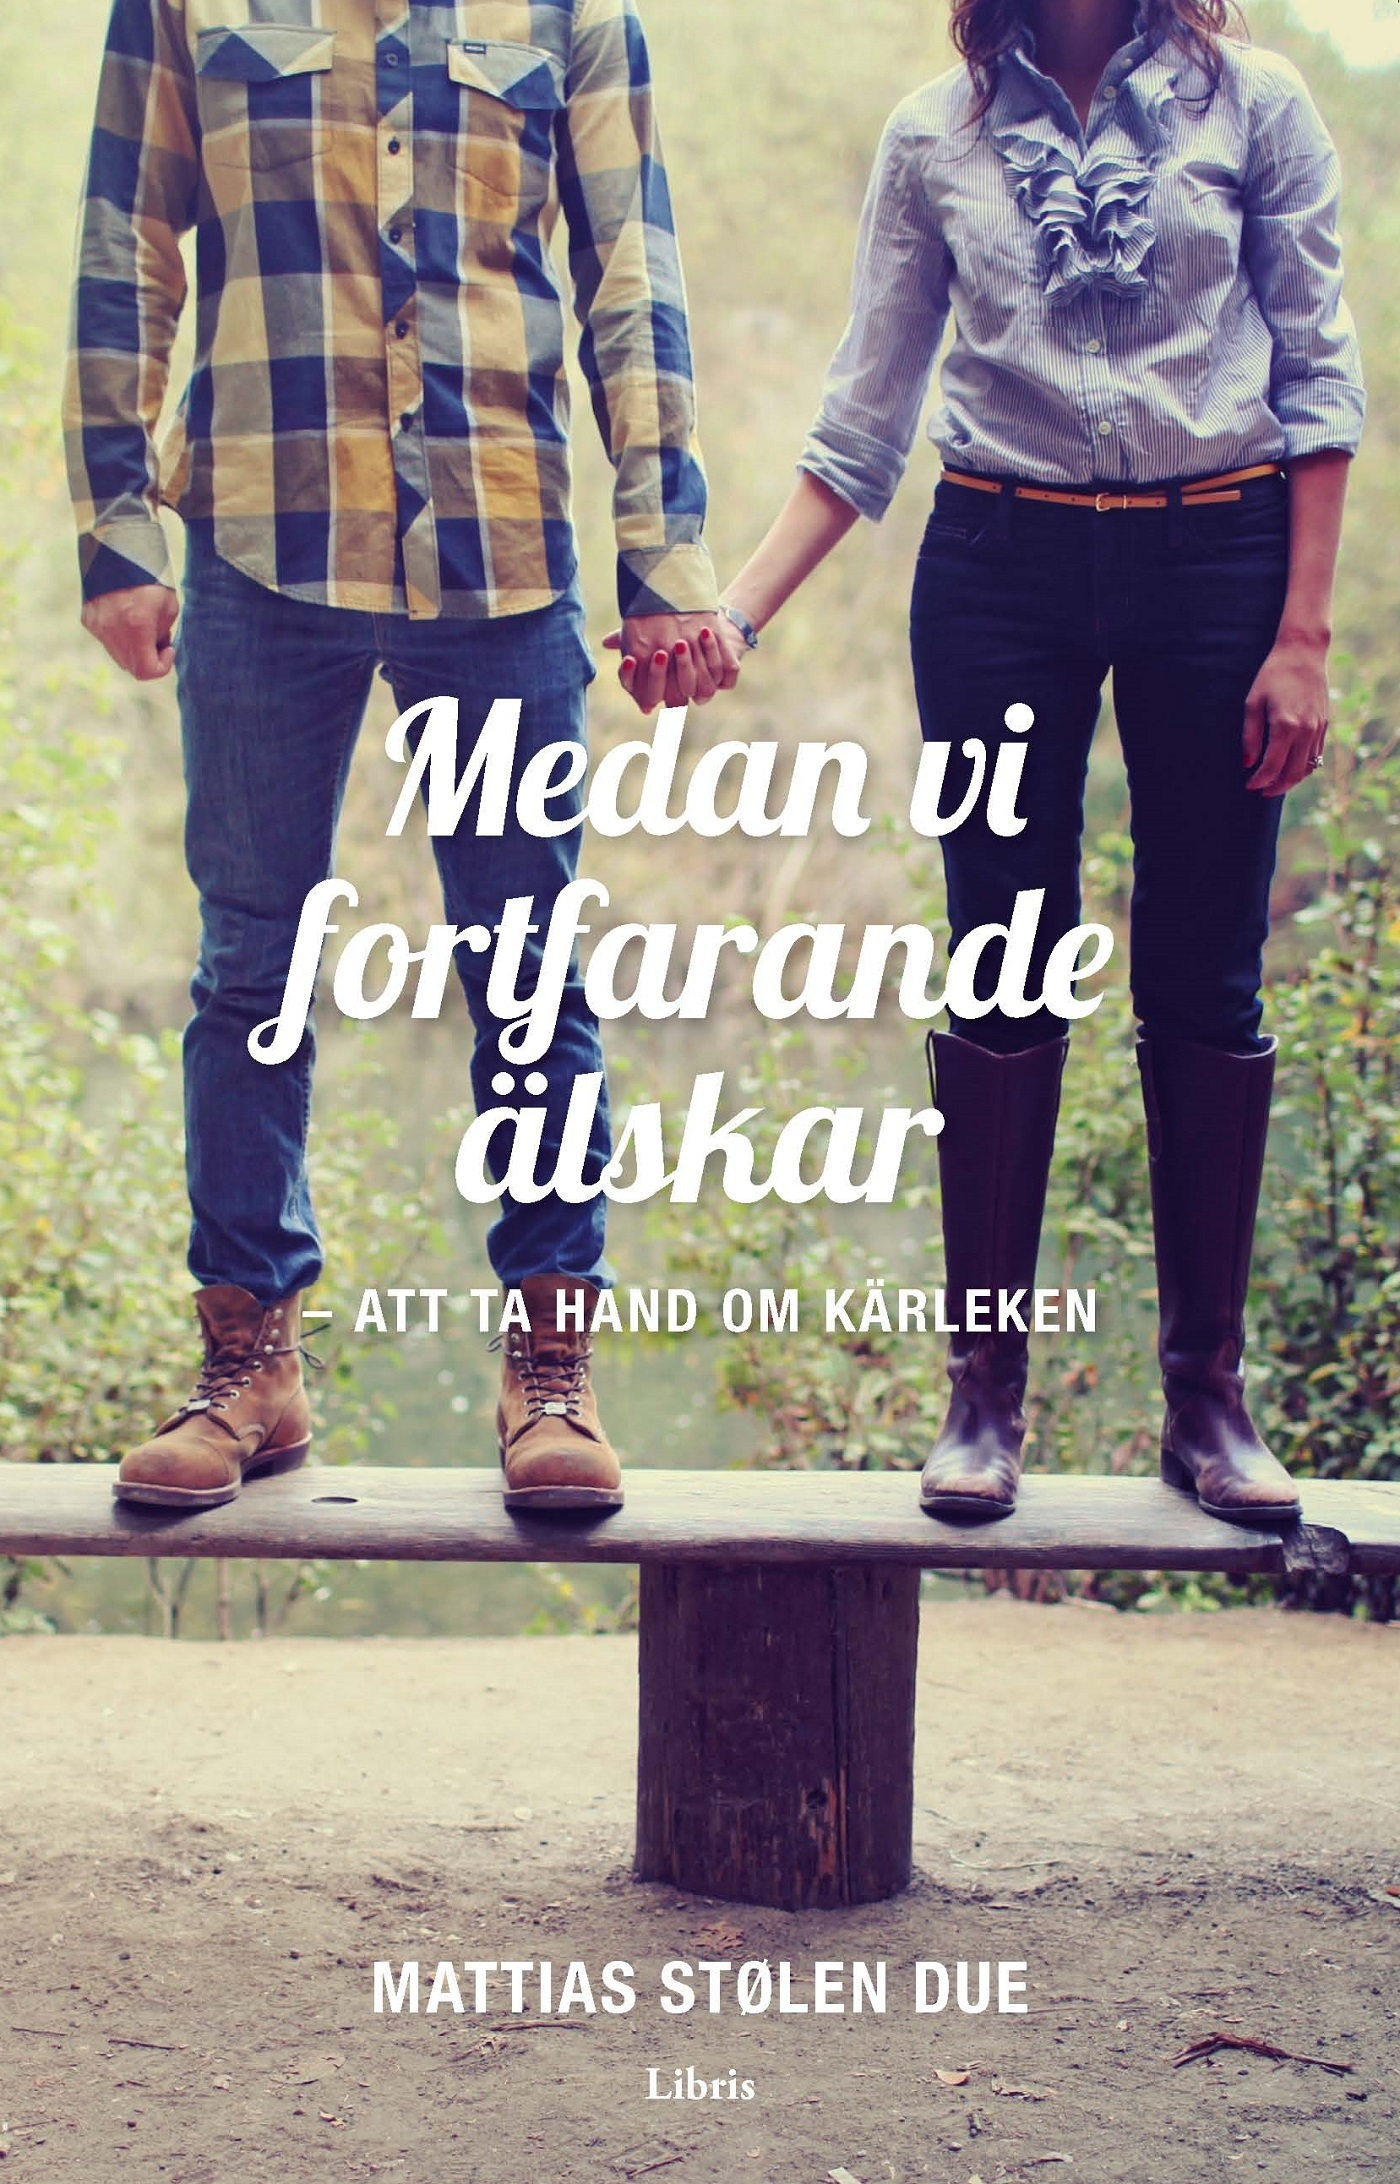 Image for Medan vi fortfarande älskar from Suomalainen.com